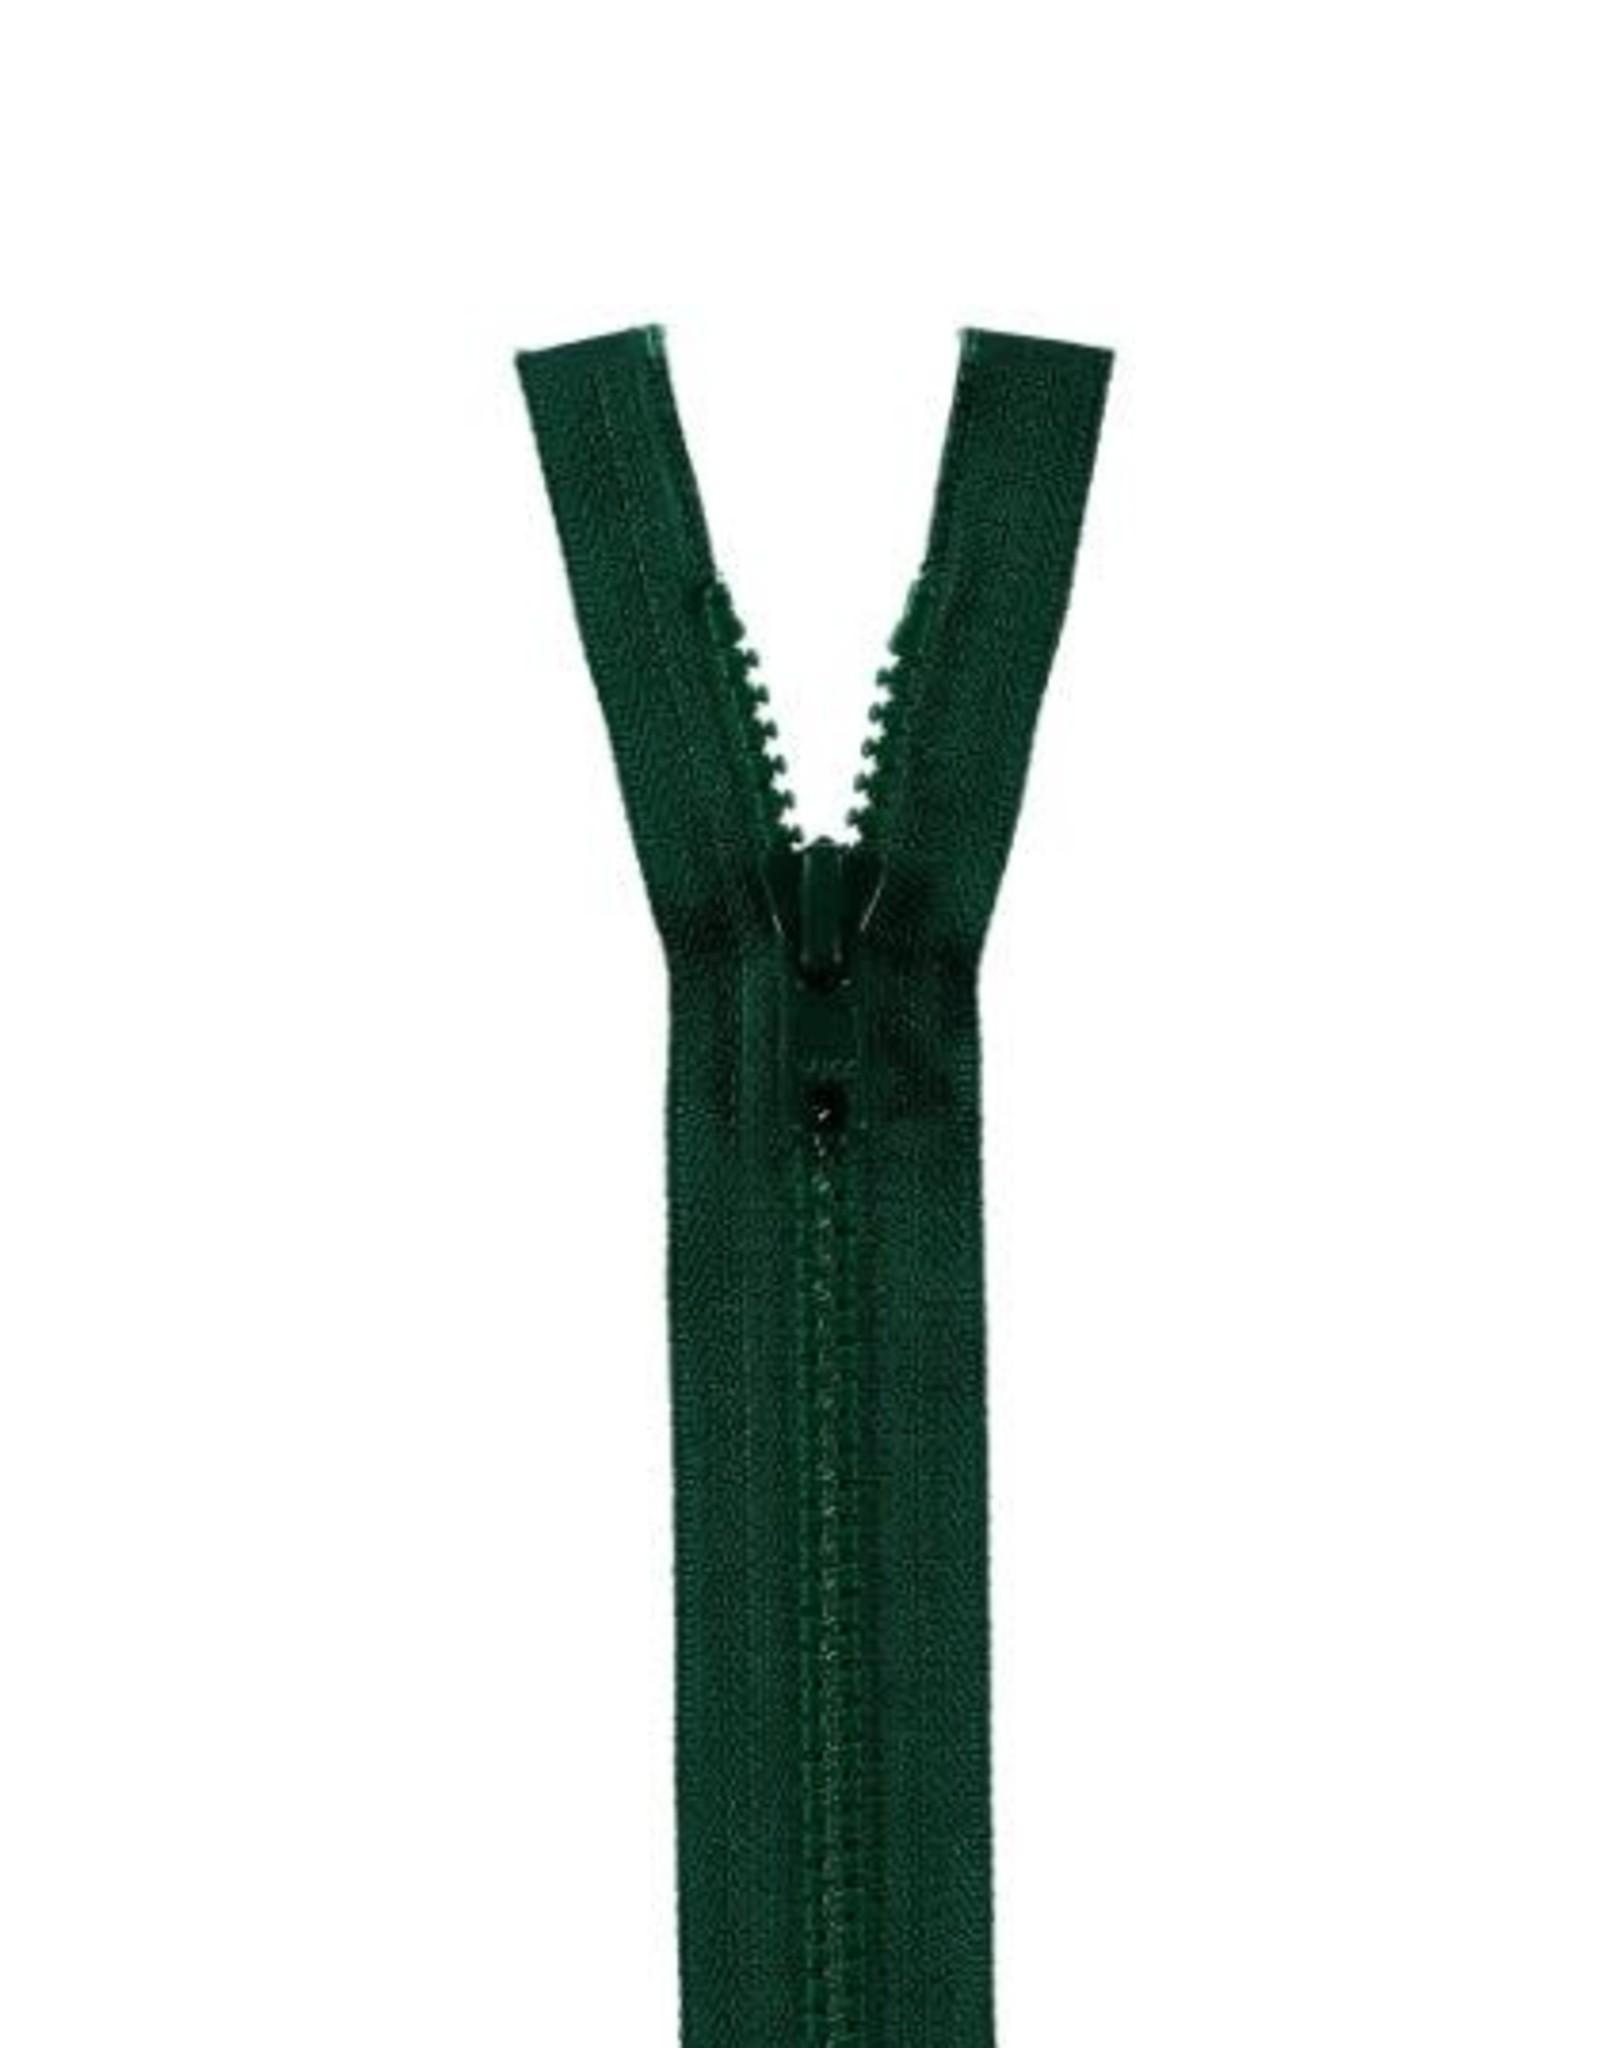 YKK BLOKRITS 5 DEELBAAR d. groen 890-40cm